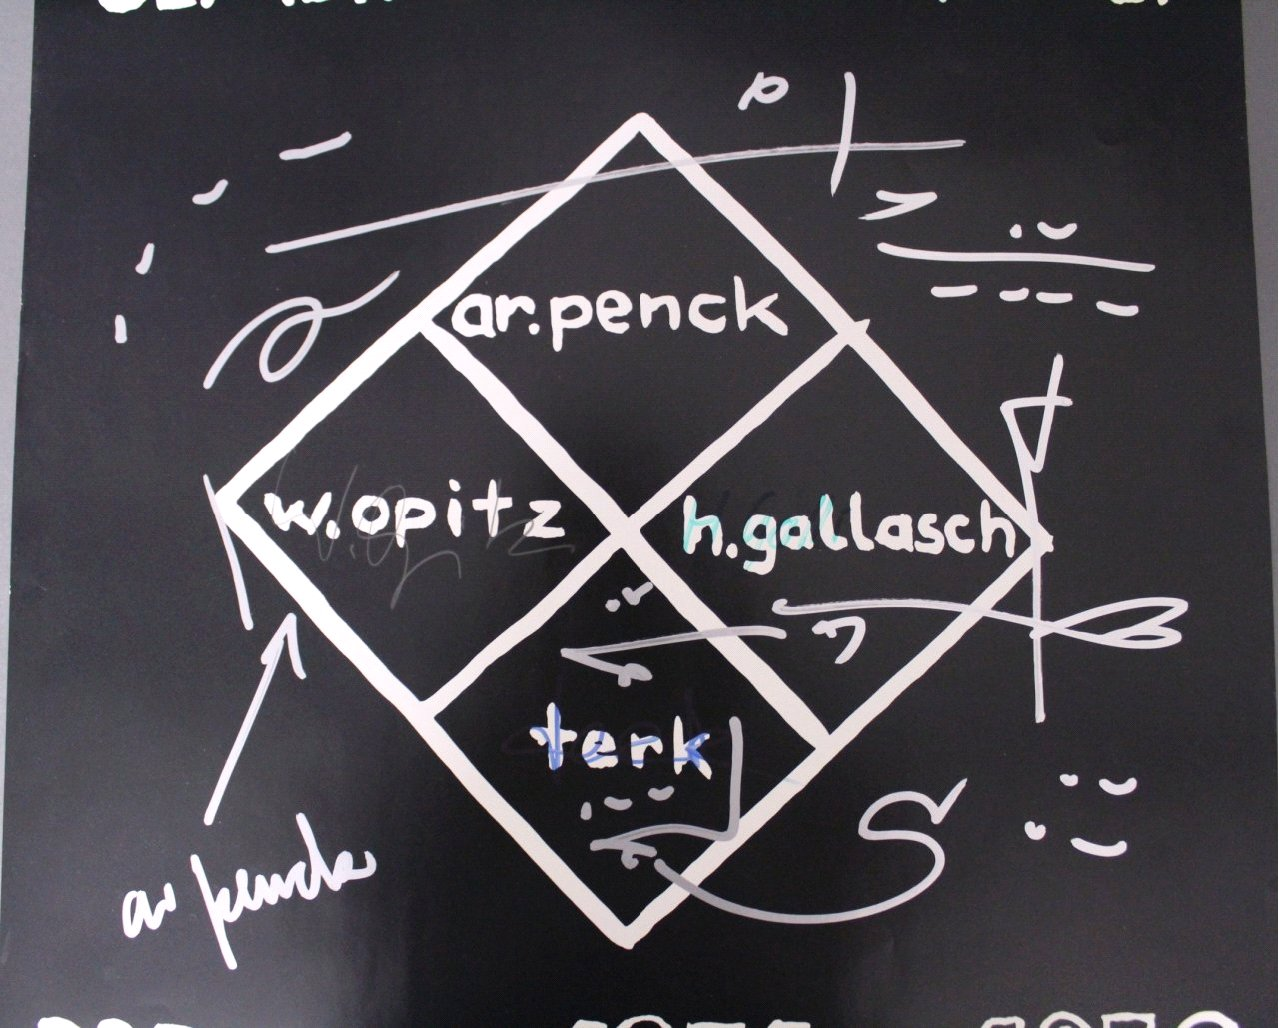 A.R. Penck, H. Gallasch, W. Opitz u. Terk-1